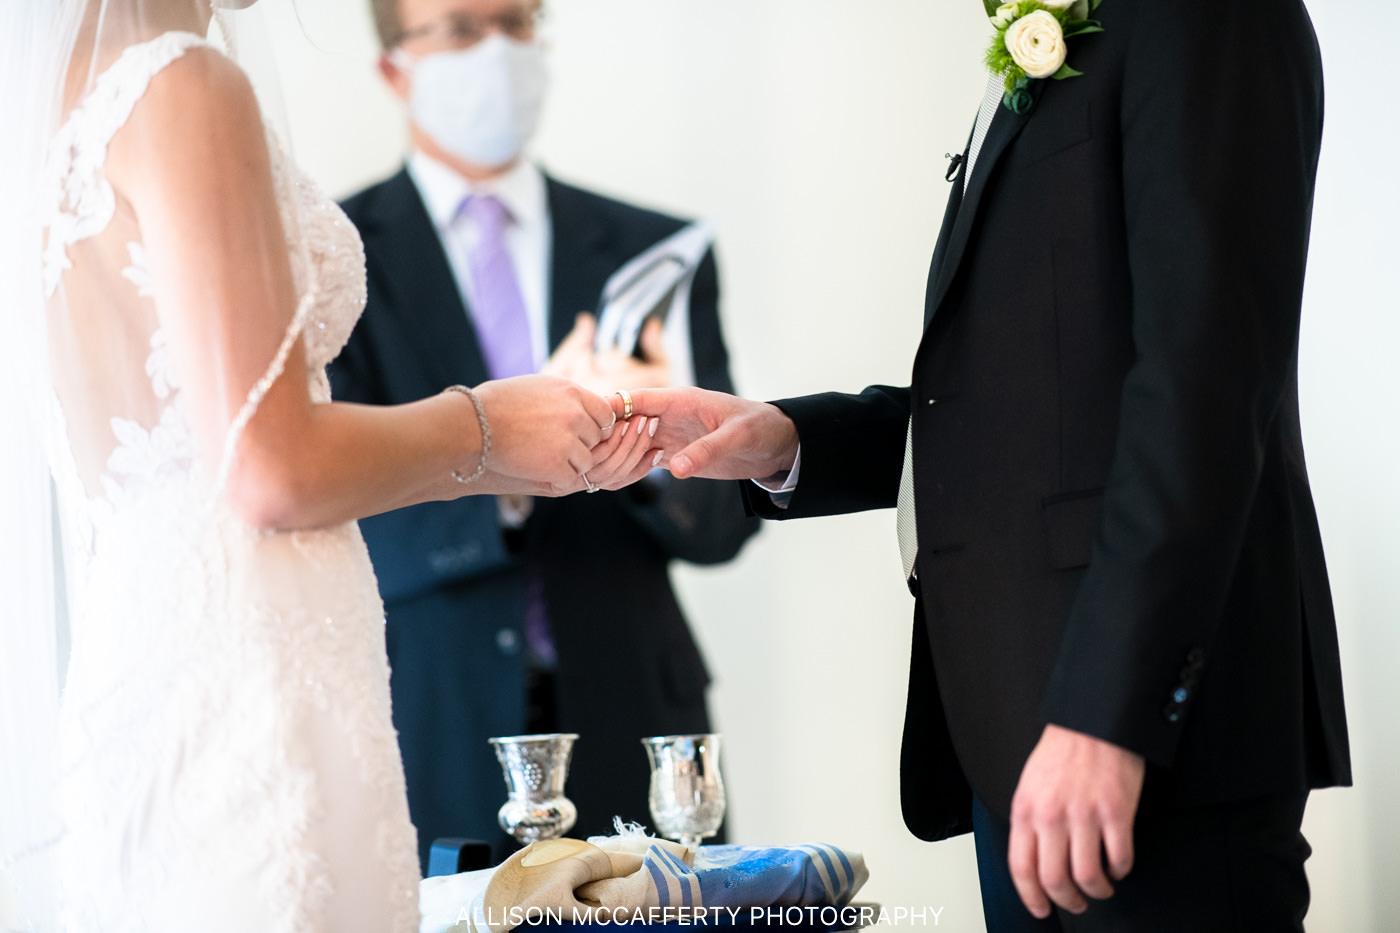 Wedding Photographer Shamong NJ